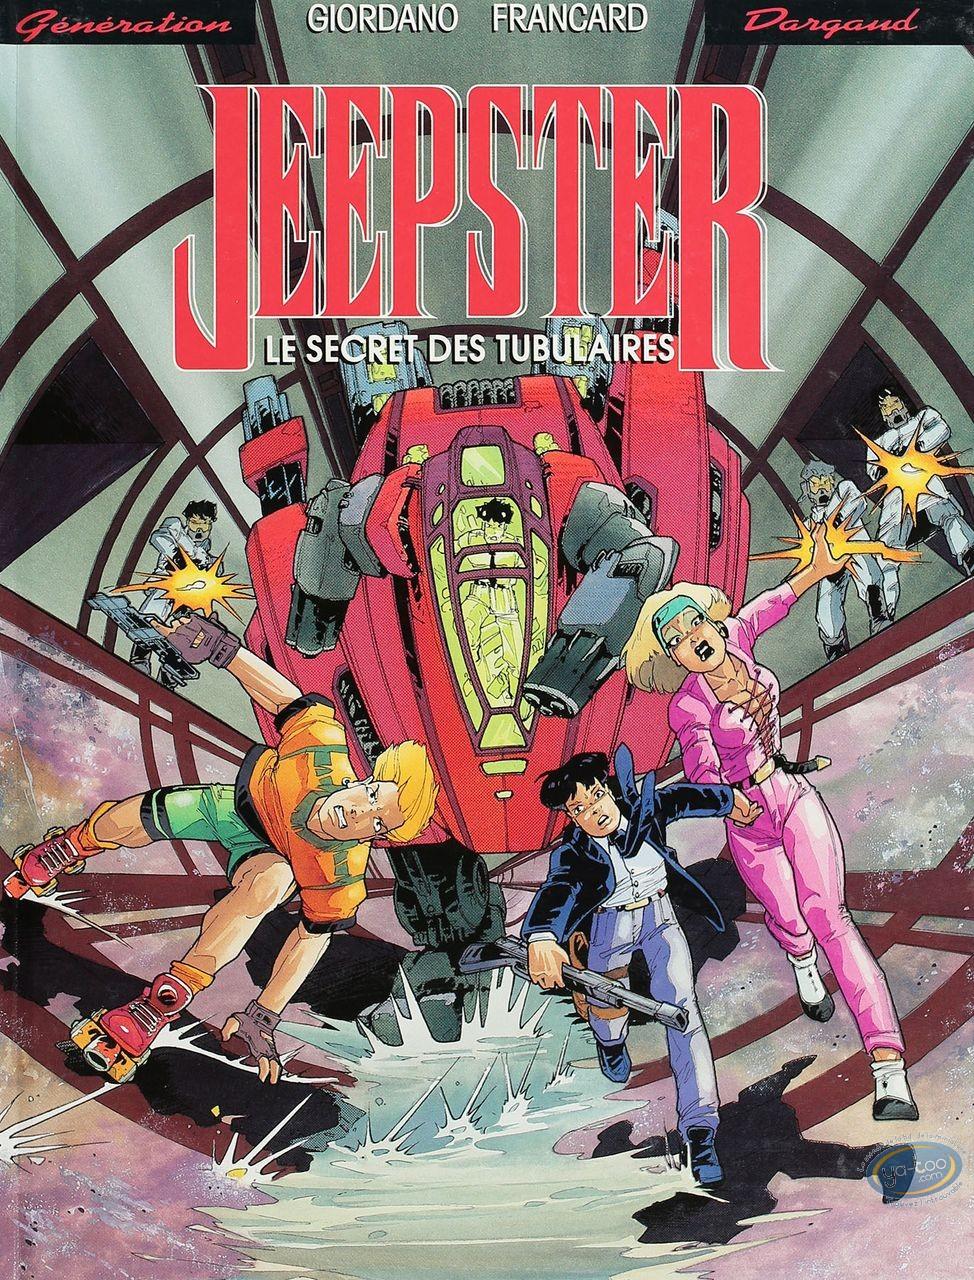 Listed European Comic Books, Jeepster : Le secret des tubulaires